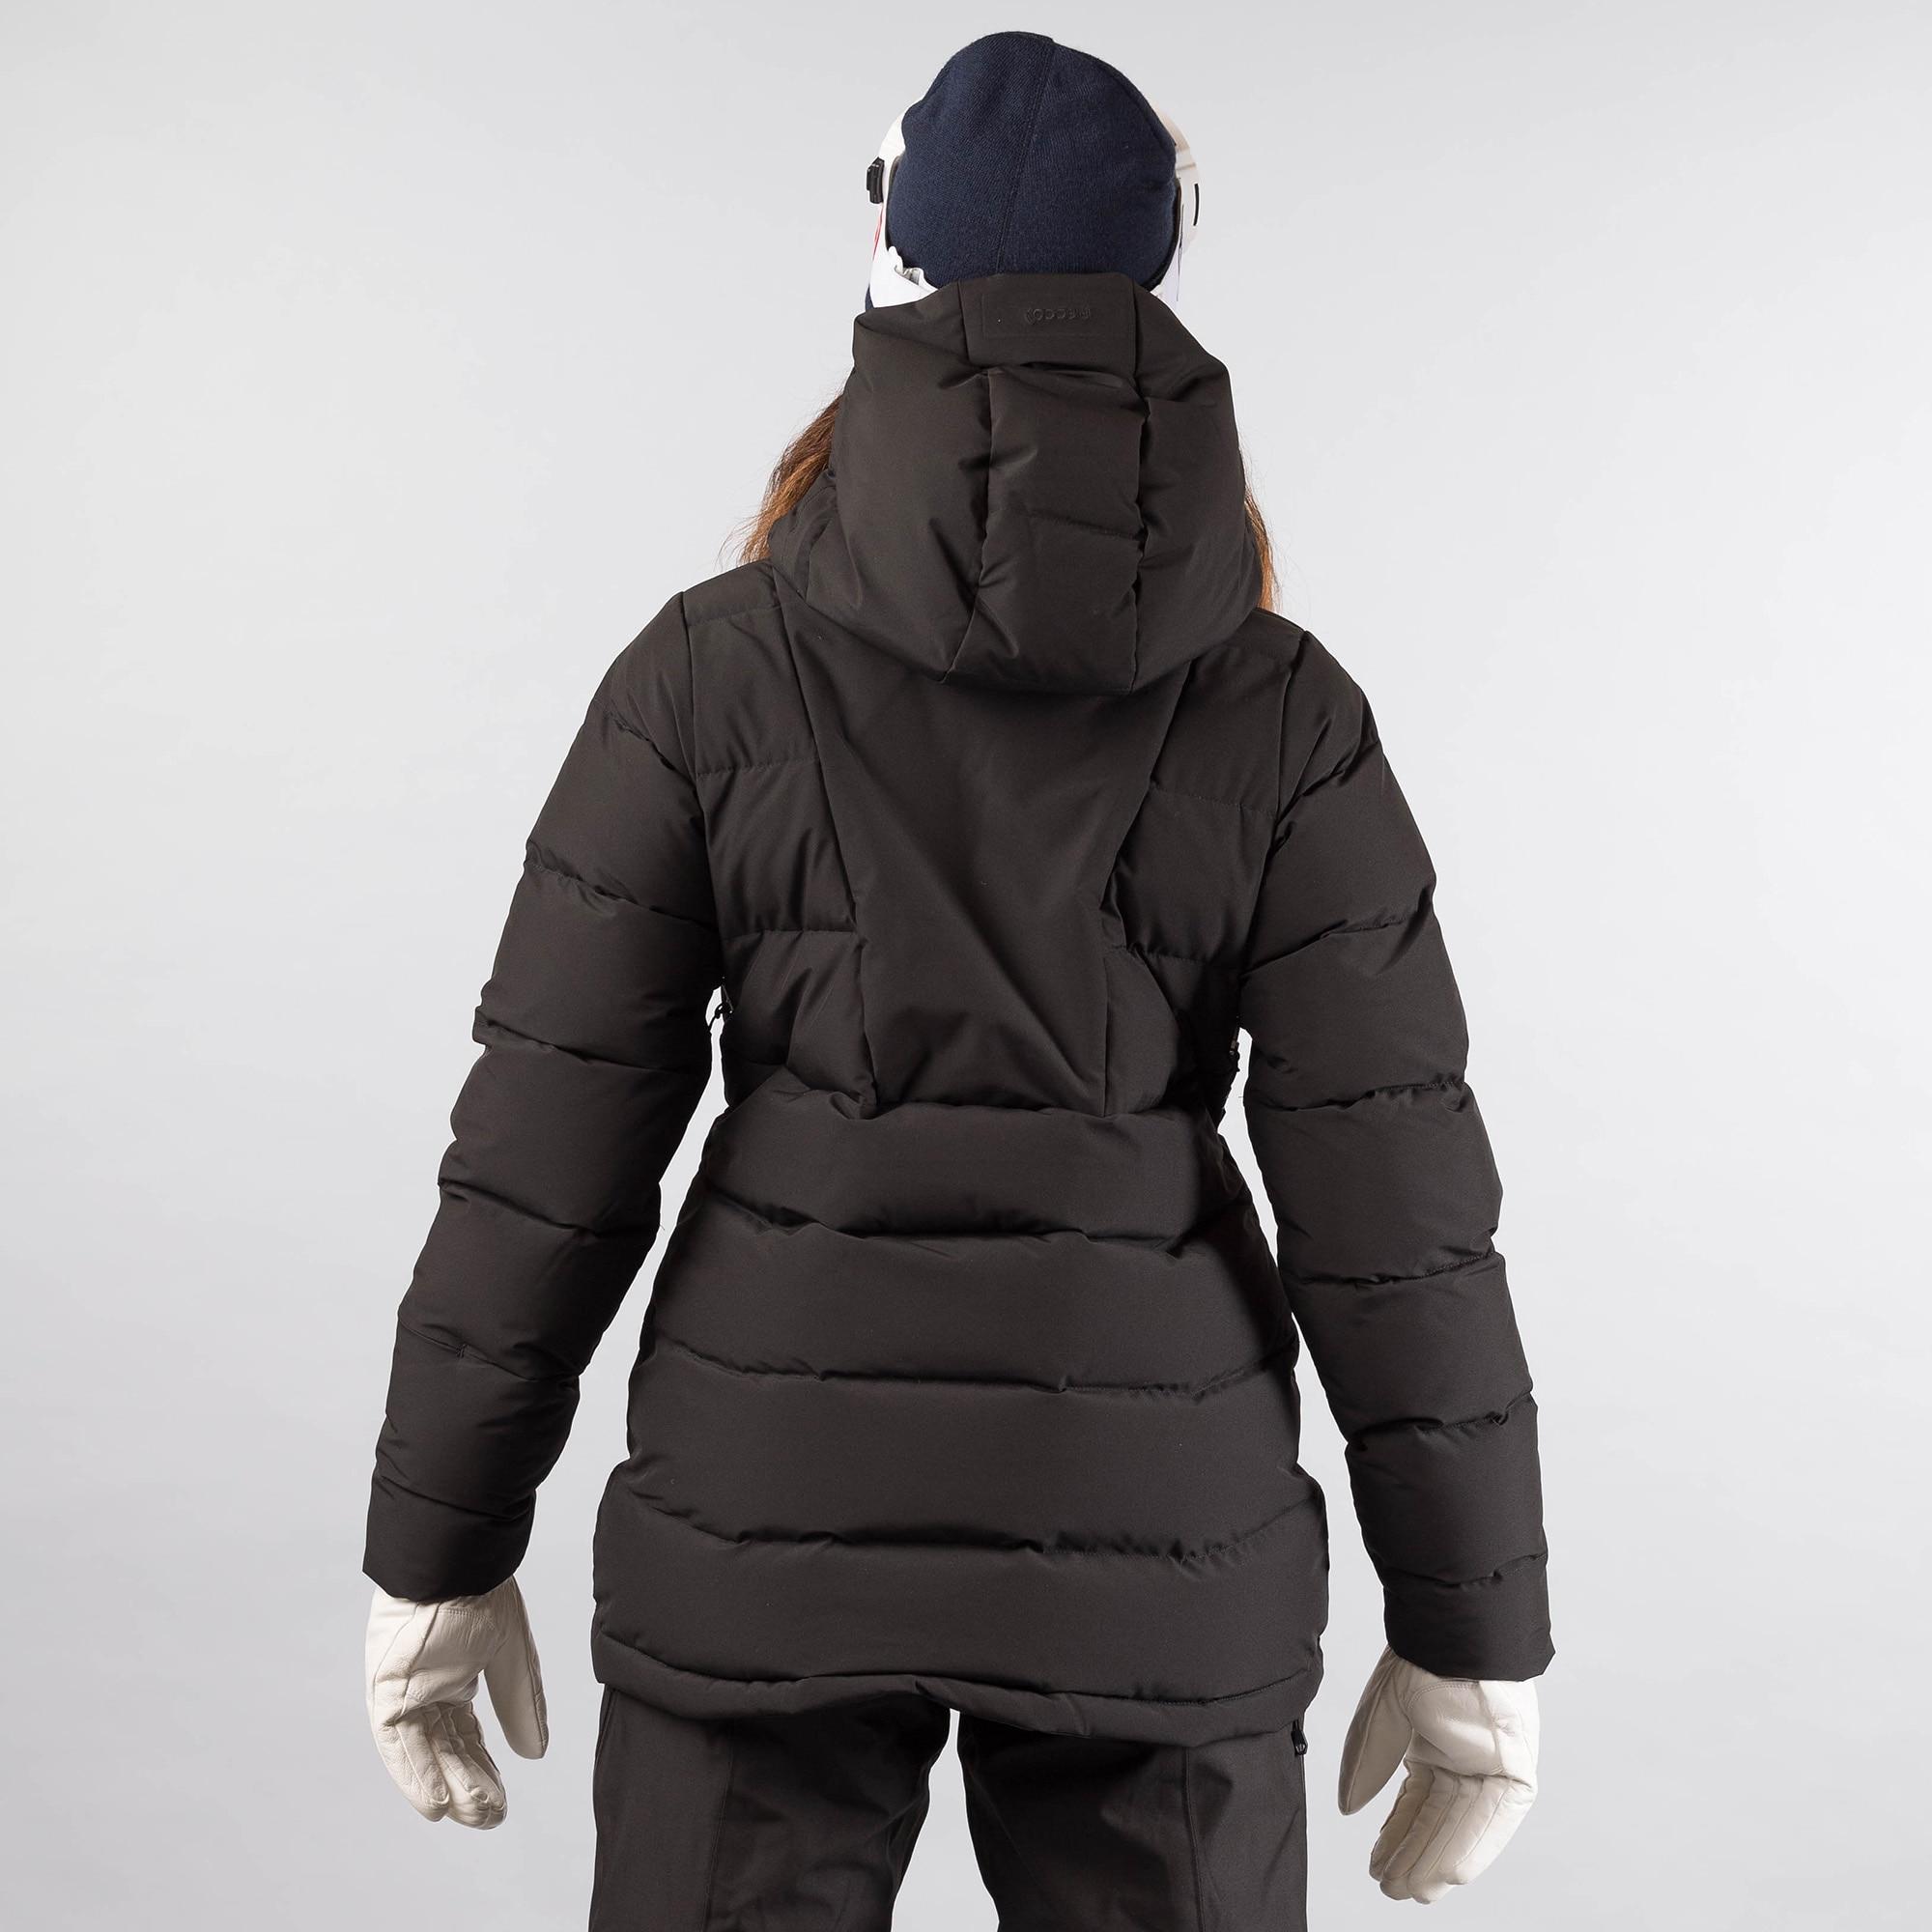 Stranda Down Hybrid W Jacket